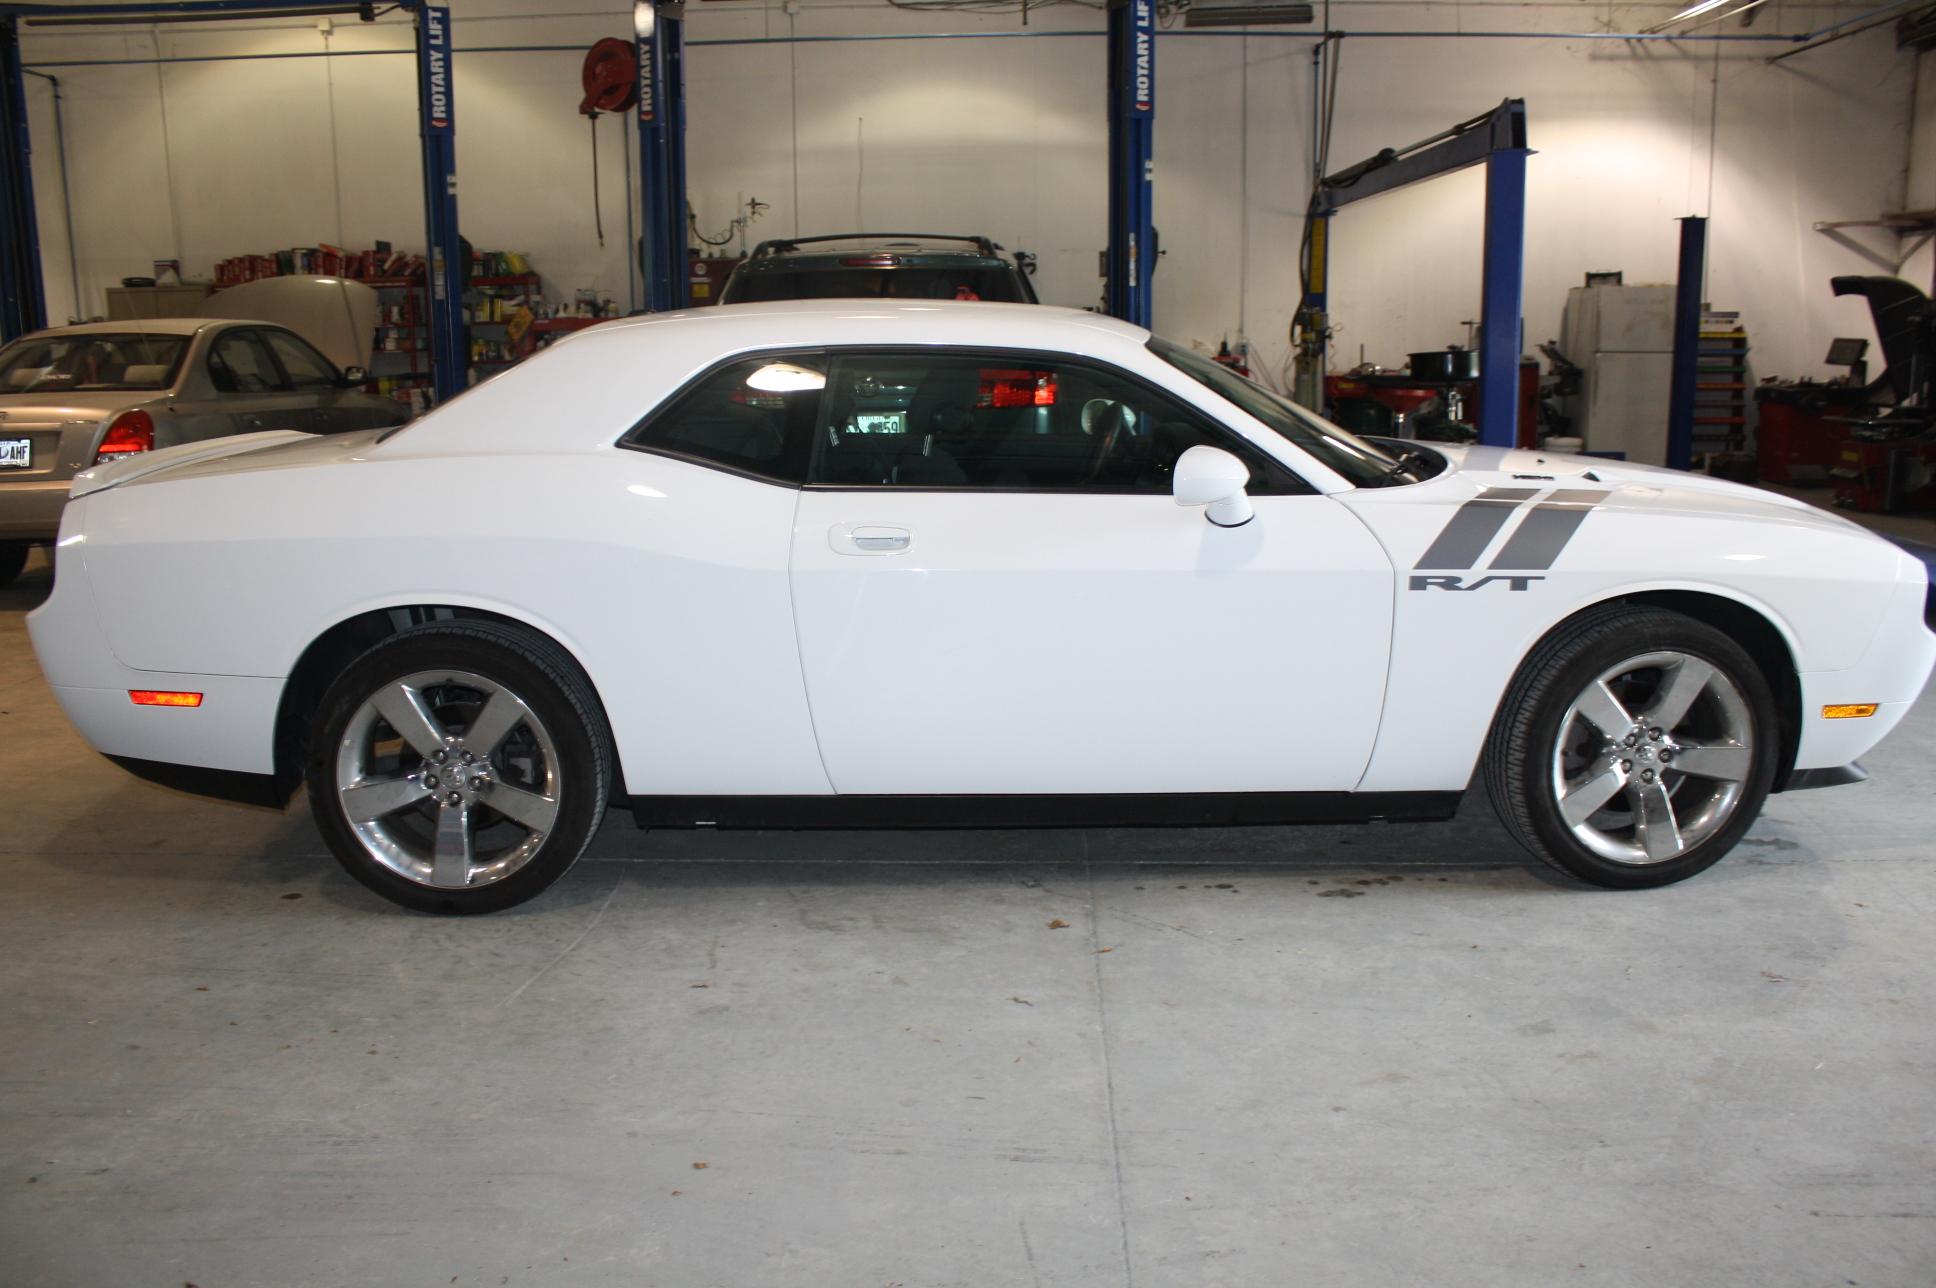 2010 dodge challenger r t 2d coupe diminished value car. Black Bedroom Furniture Sets. Home Design Ideas